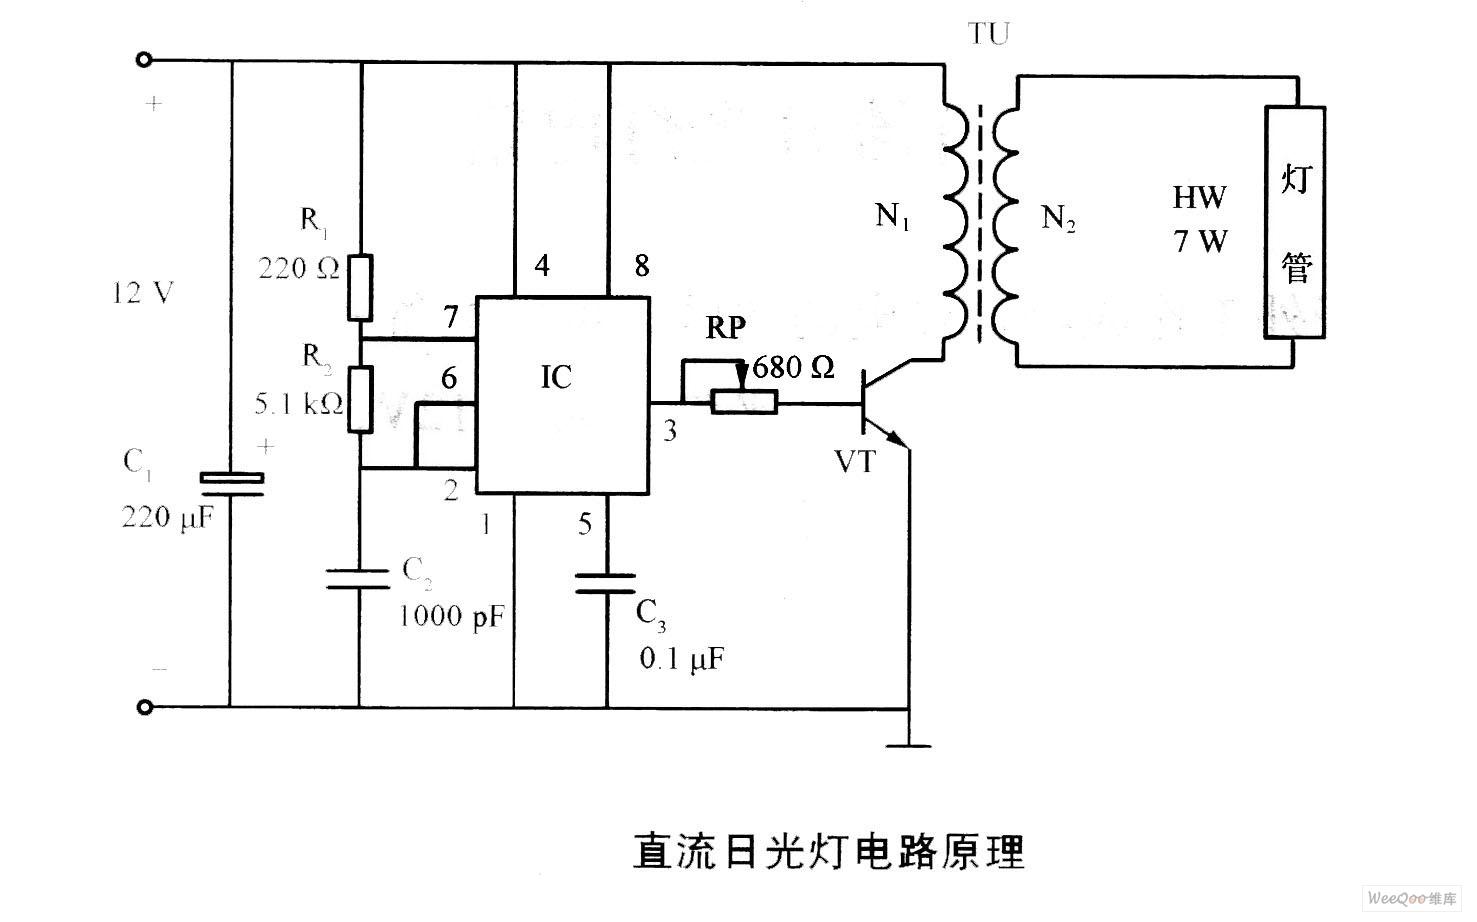 如图为直流日光灯电路原理图。时基集成电路IC(NE555)和电阻R1、R2,及电容C3组成一个无稳态多谐振荡器。这个电路设计的高频振荡频率为70 kHz,从IC的3脚输出的高频方波信号通过限流电位器RP后加至晶体管VT的基极,经放大驱动变压器TU,在变压器次级产生400 V的高频电压,使灯管点亮发光。   调整C2可以调整其振荡频率。如果在使用中出现闪动或不易启动时,可以在TU的次级并接0.033 uF/630 V的电容。同时调整RP使灯管发光稳定、无闪烁,且电流在最小值。 来源: